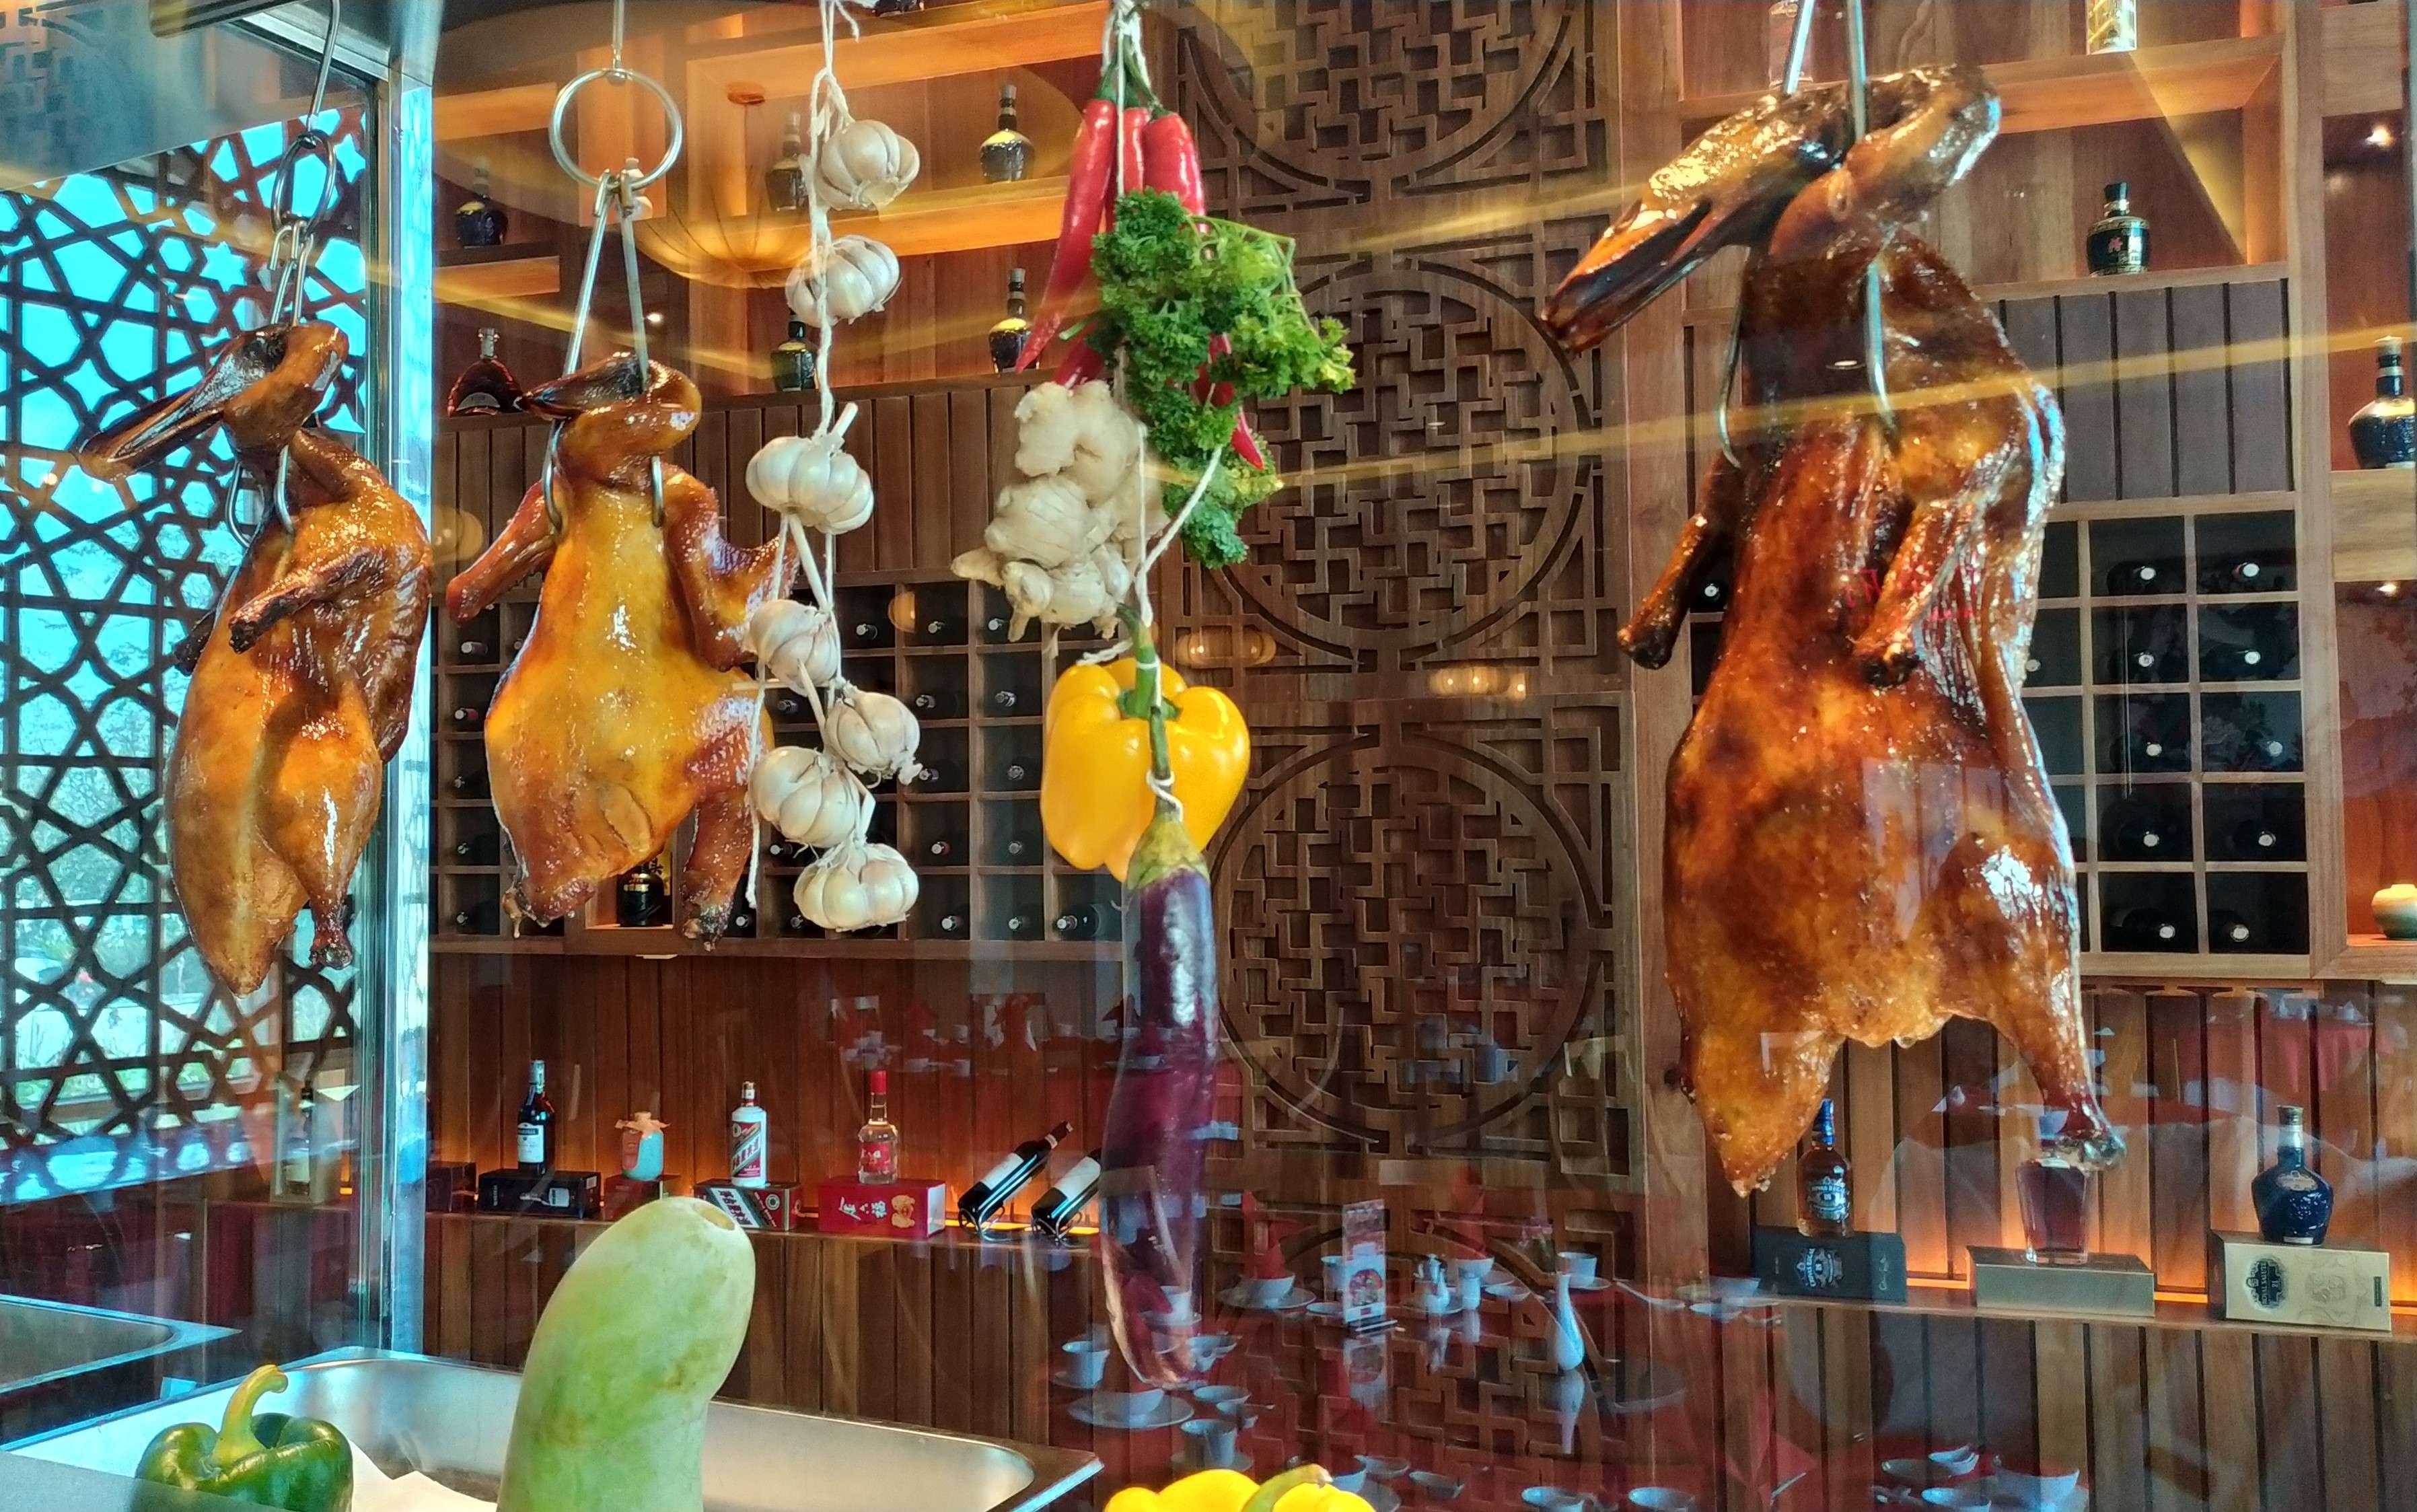 Смешение кулинарных культур. Утку по-пекински не желаете?